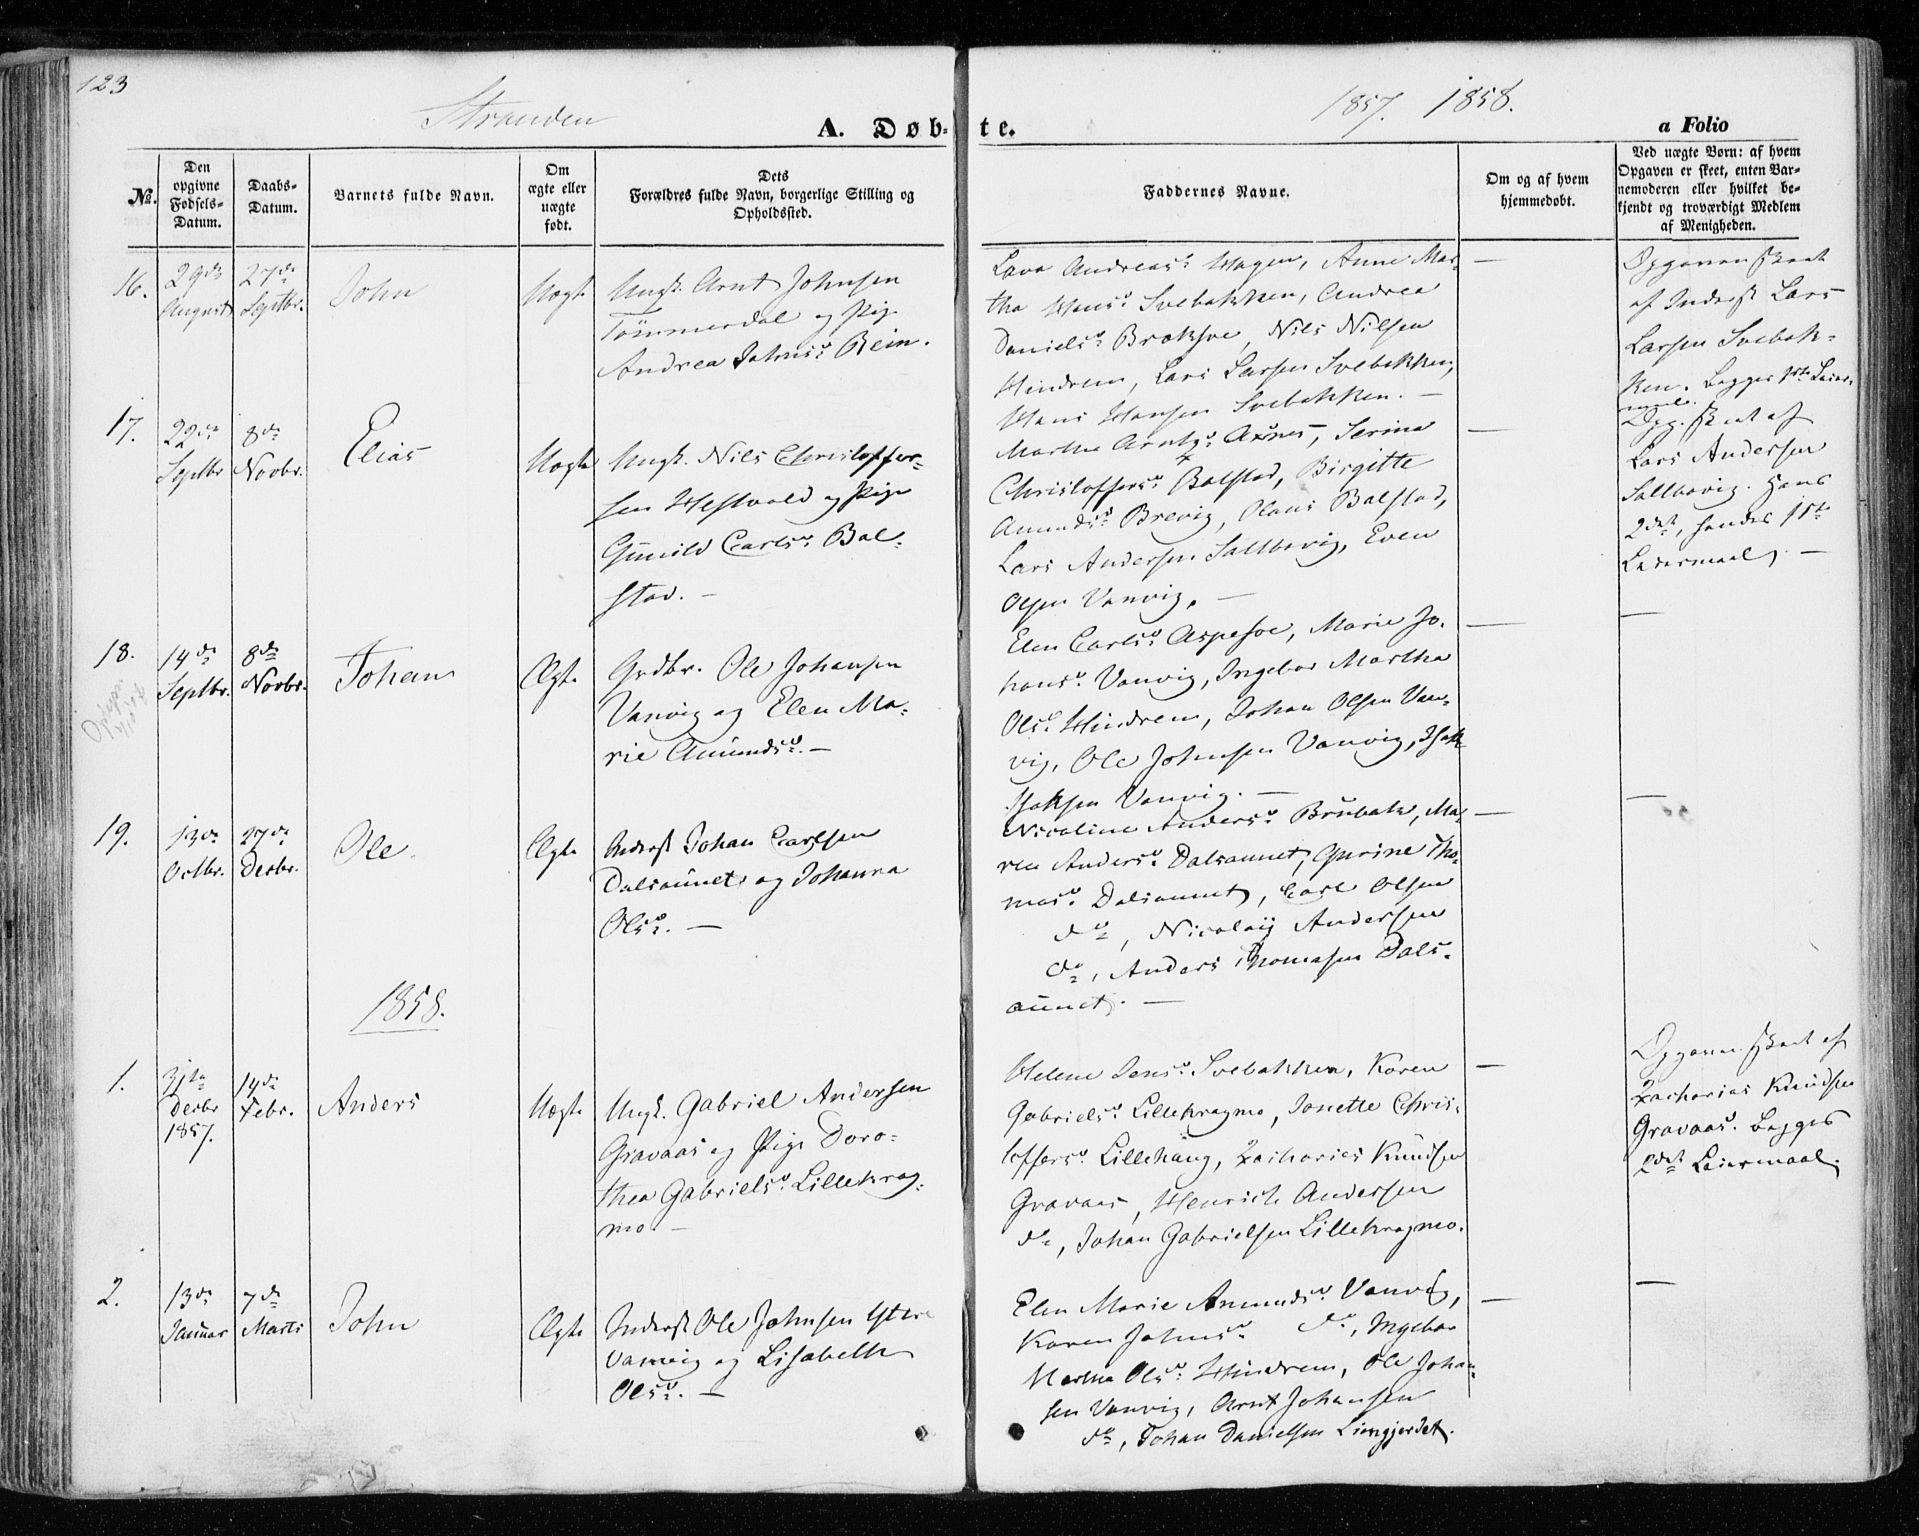 SAT, Ministerialprotokoller, klokkerbøker og fødselsregistre - Nord-Trøndelag, 701/L0008: Ministerialbok nr. 701A08 /2, 1854-1863, s. 123